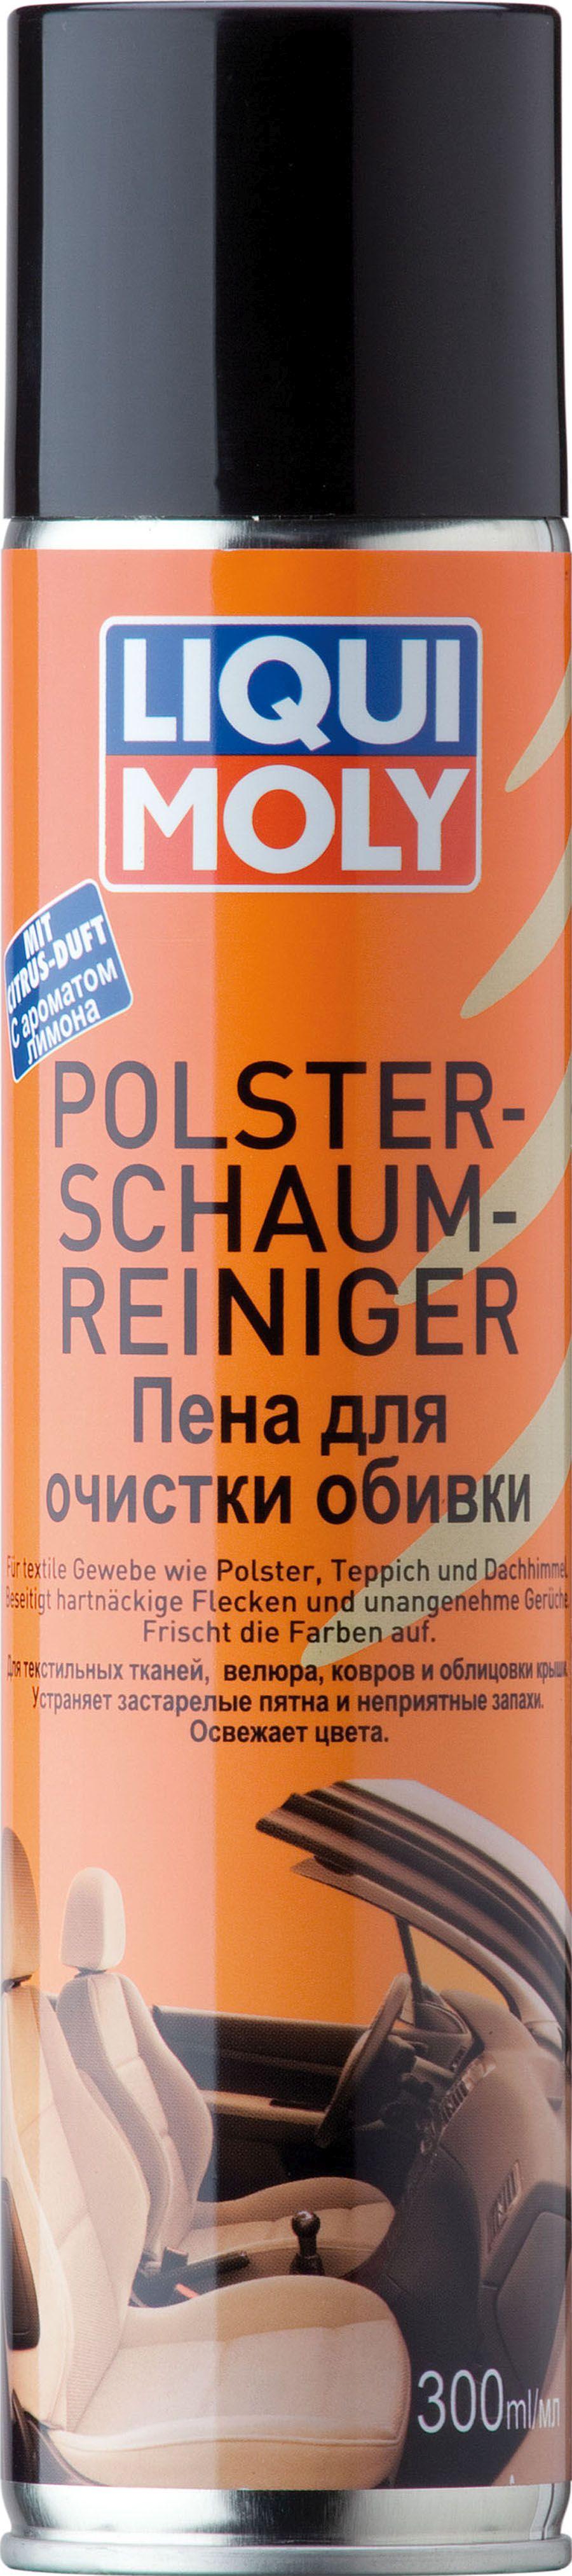 Очиститель обивки салона LiquiMoly пенный аэрозоль 0,3 л 7586